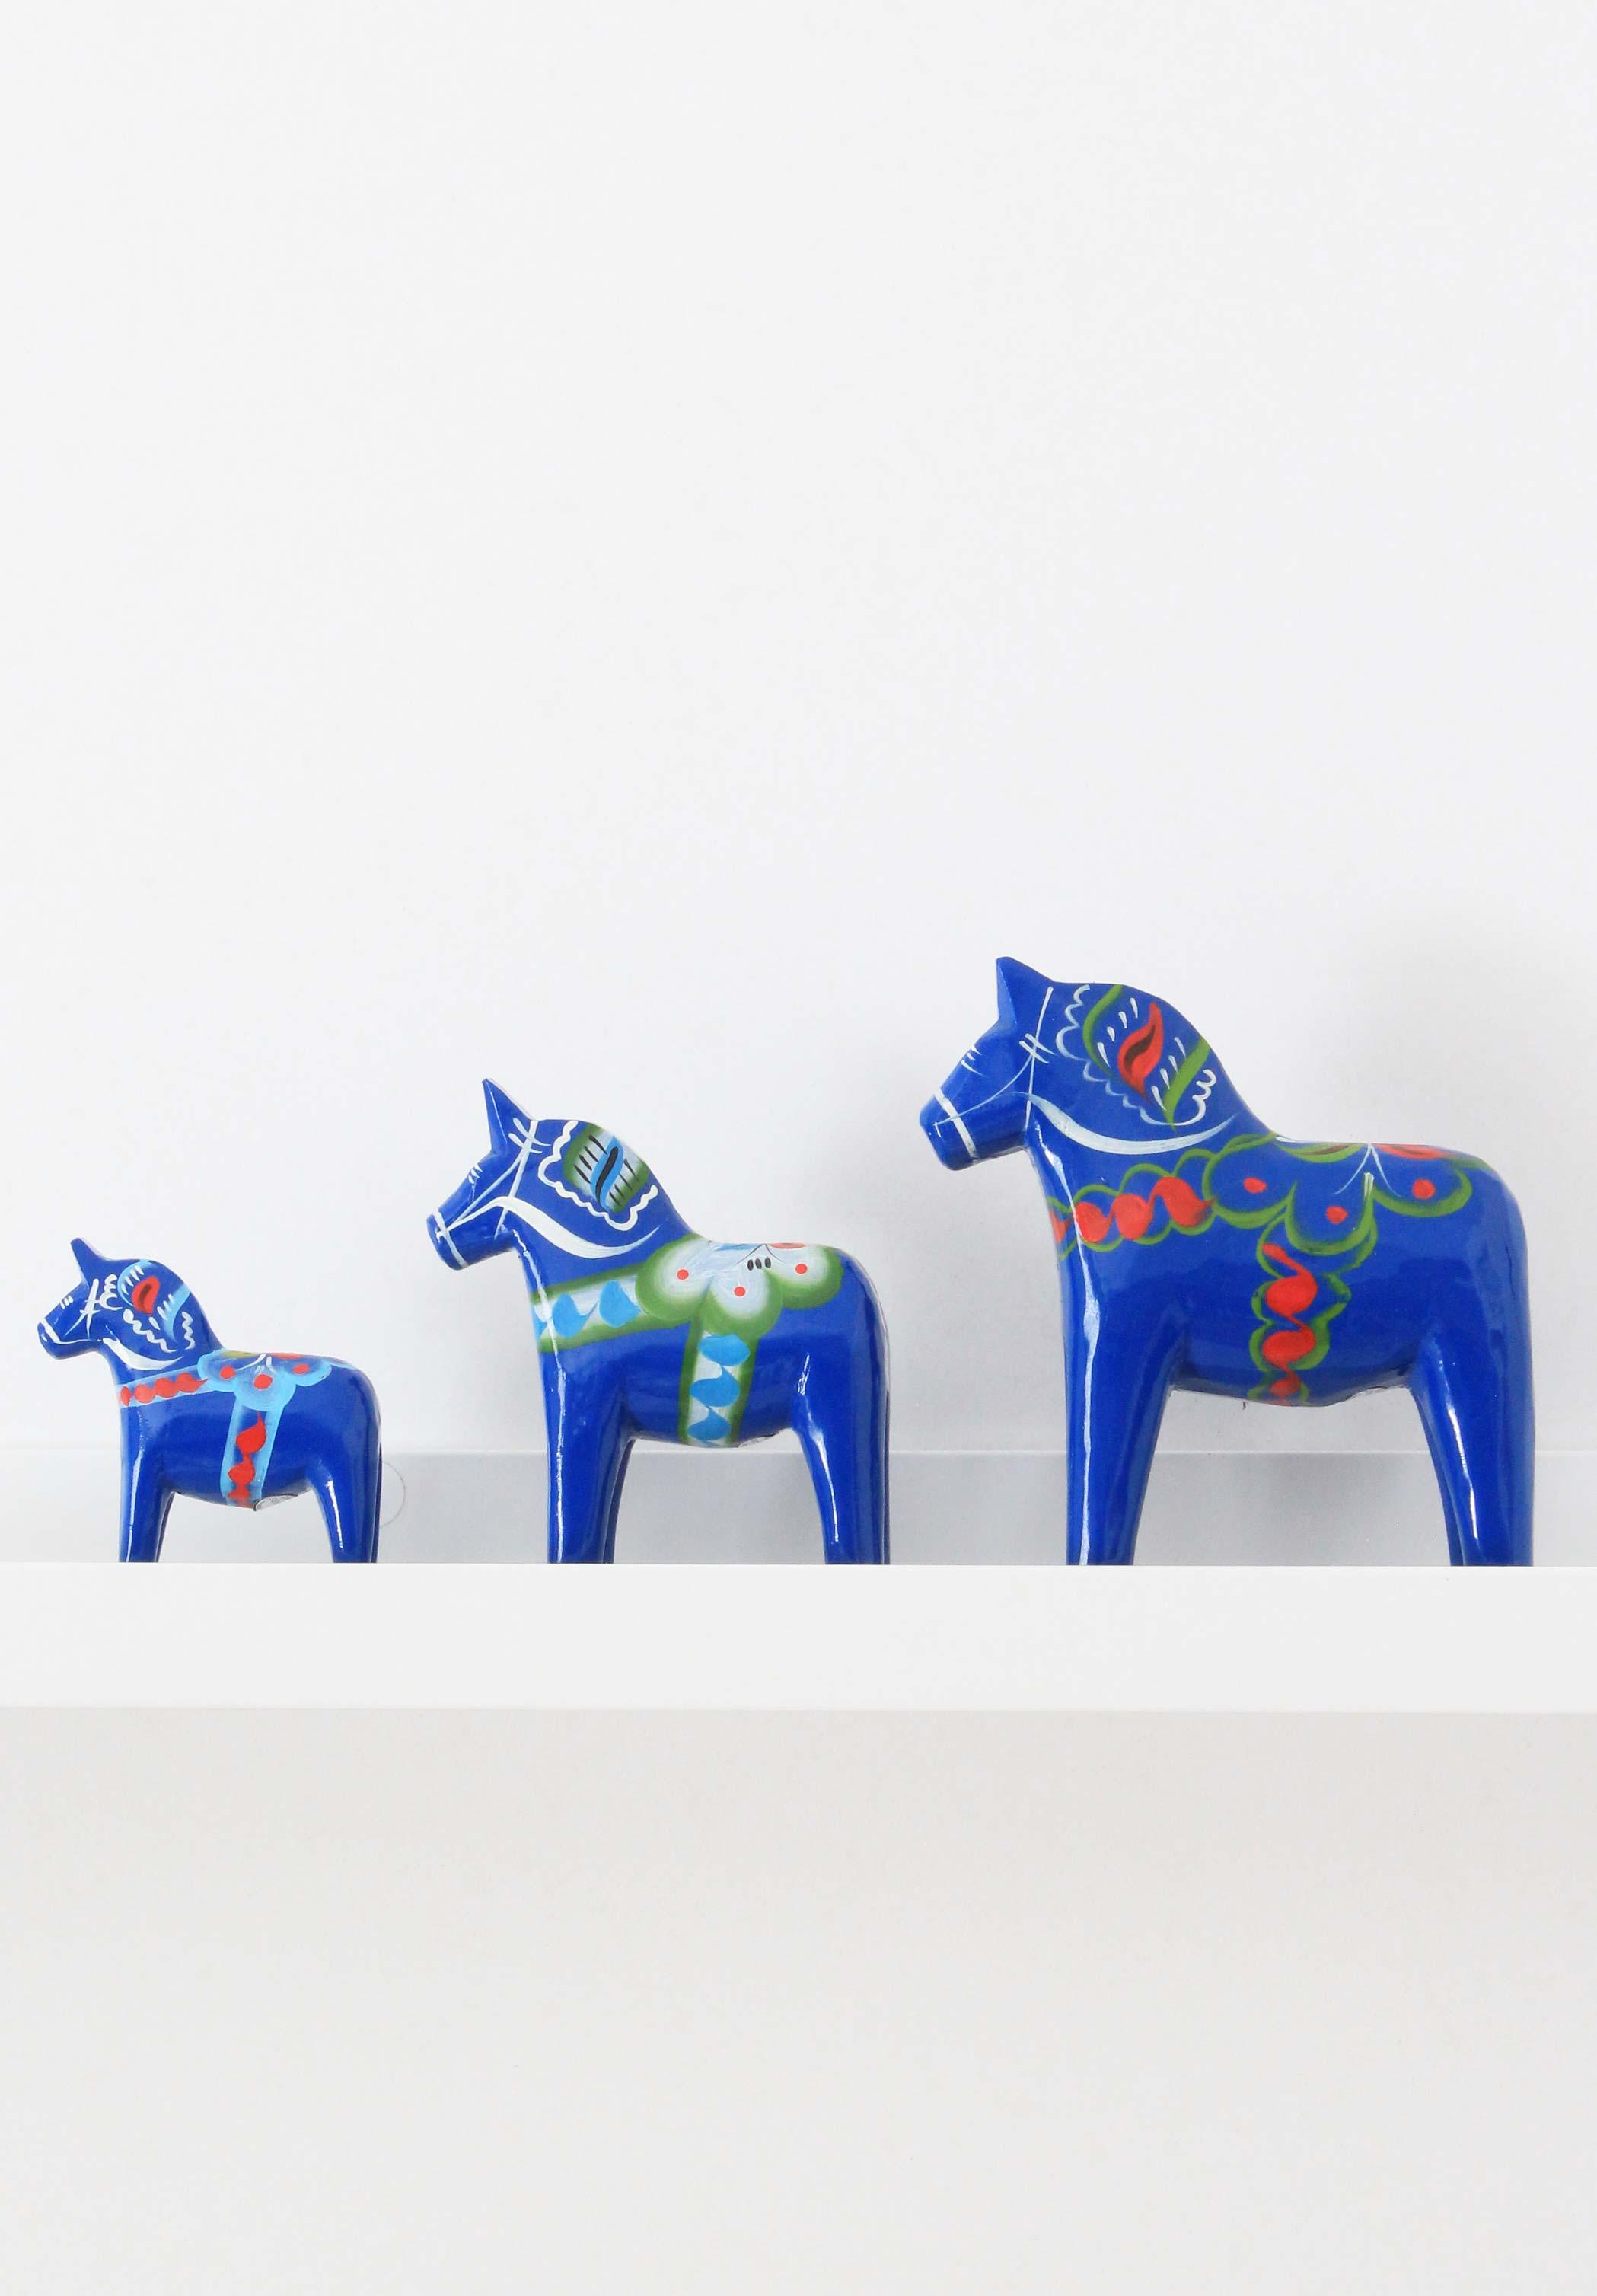 Blue dala horse